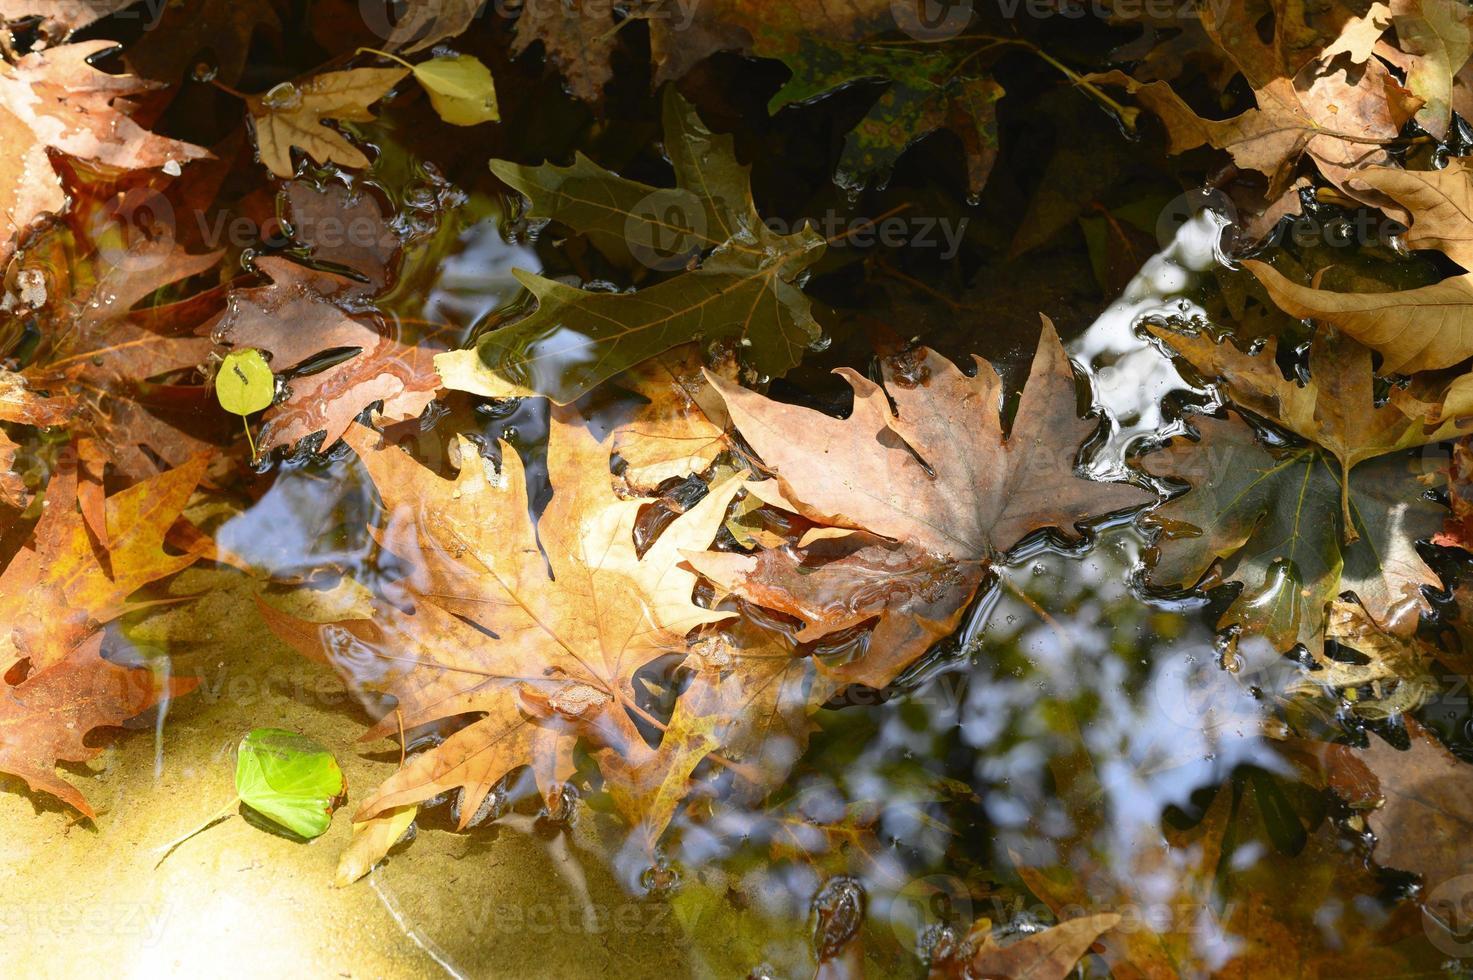 natte gevallen herfst esdoorn bladeren in het water foto